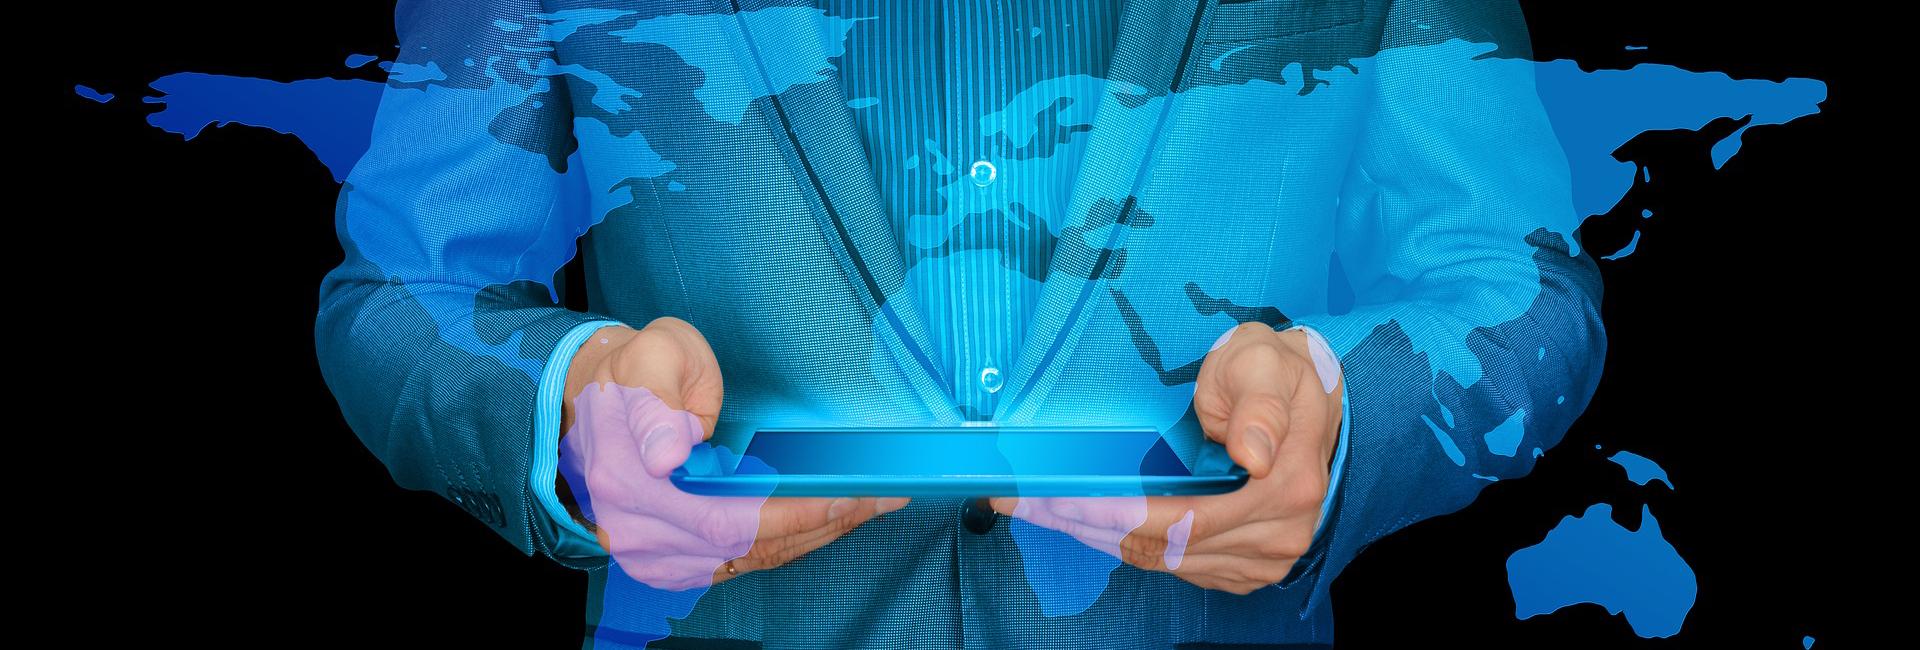 Rizici i rešenja za bezbednije i odgovornije IT poslovanje